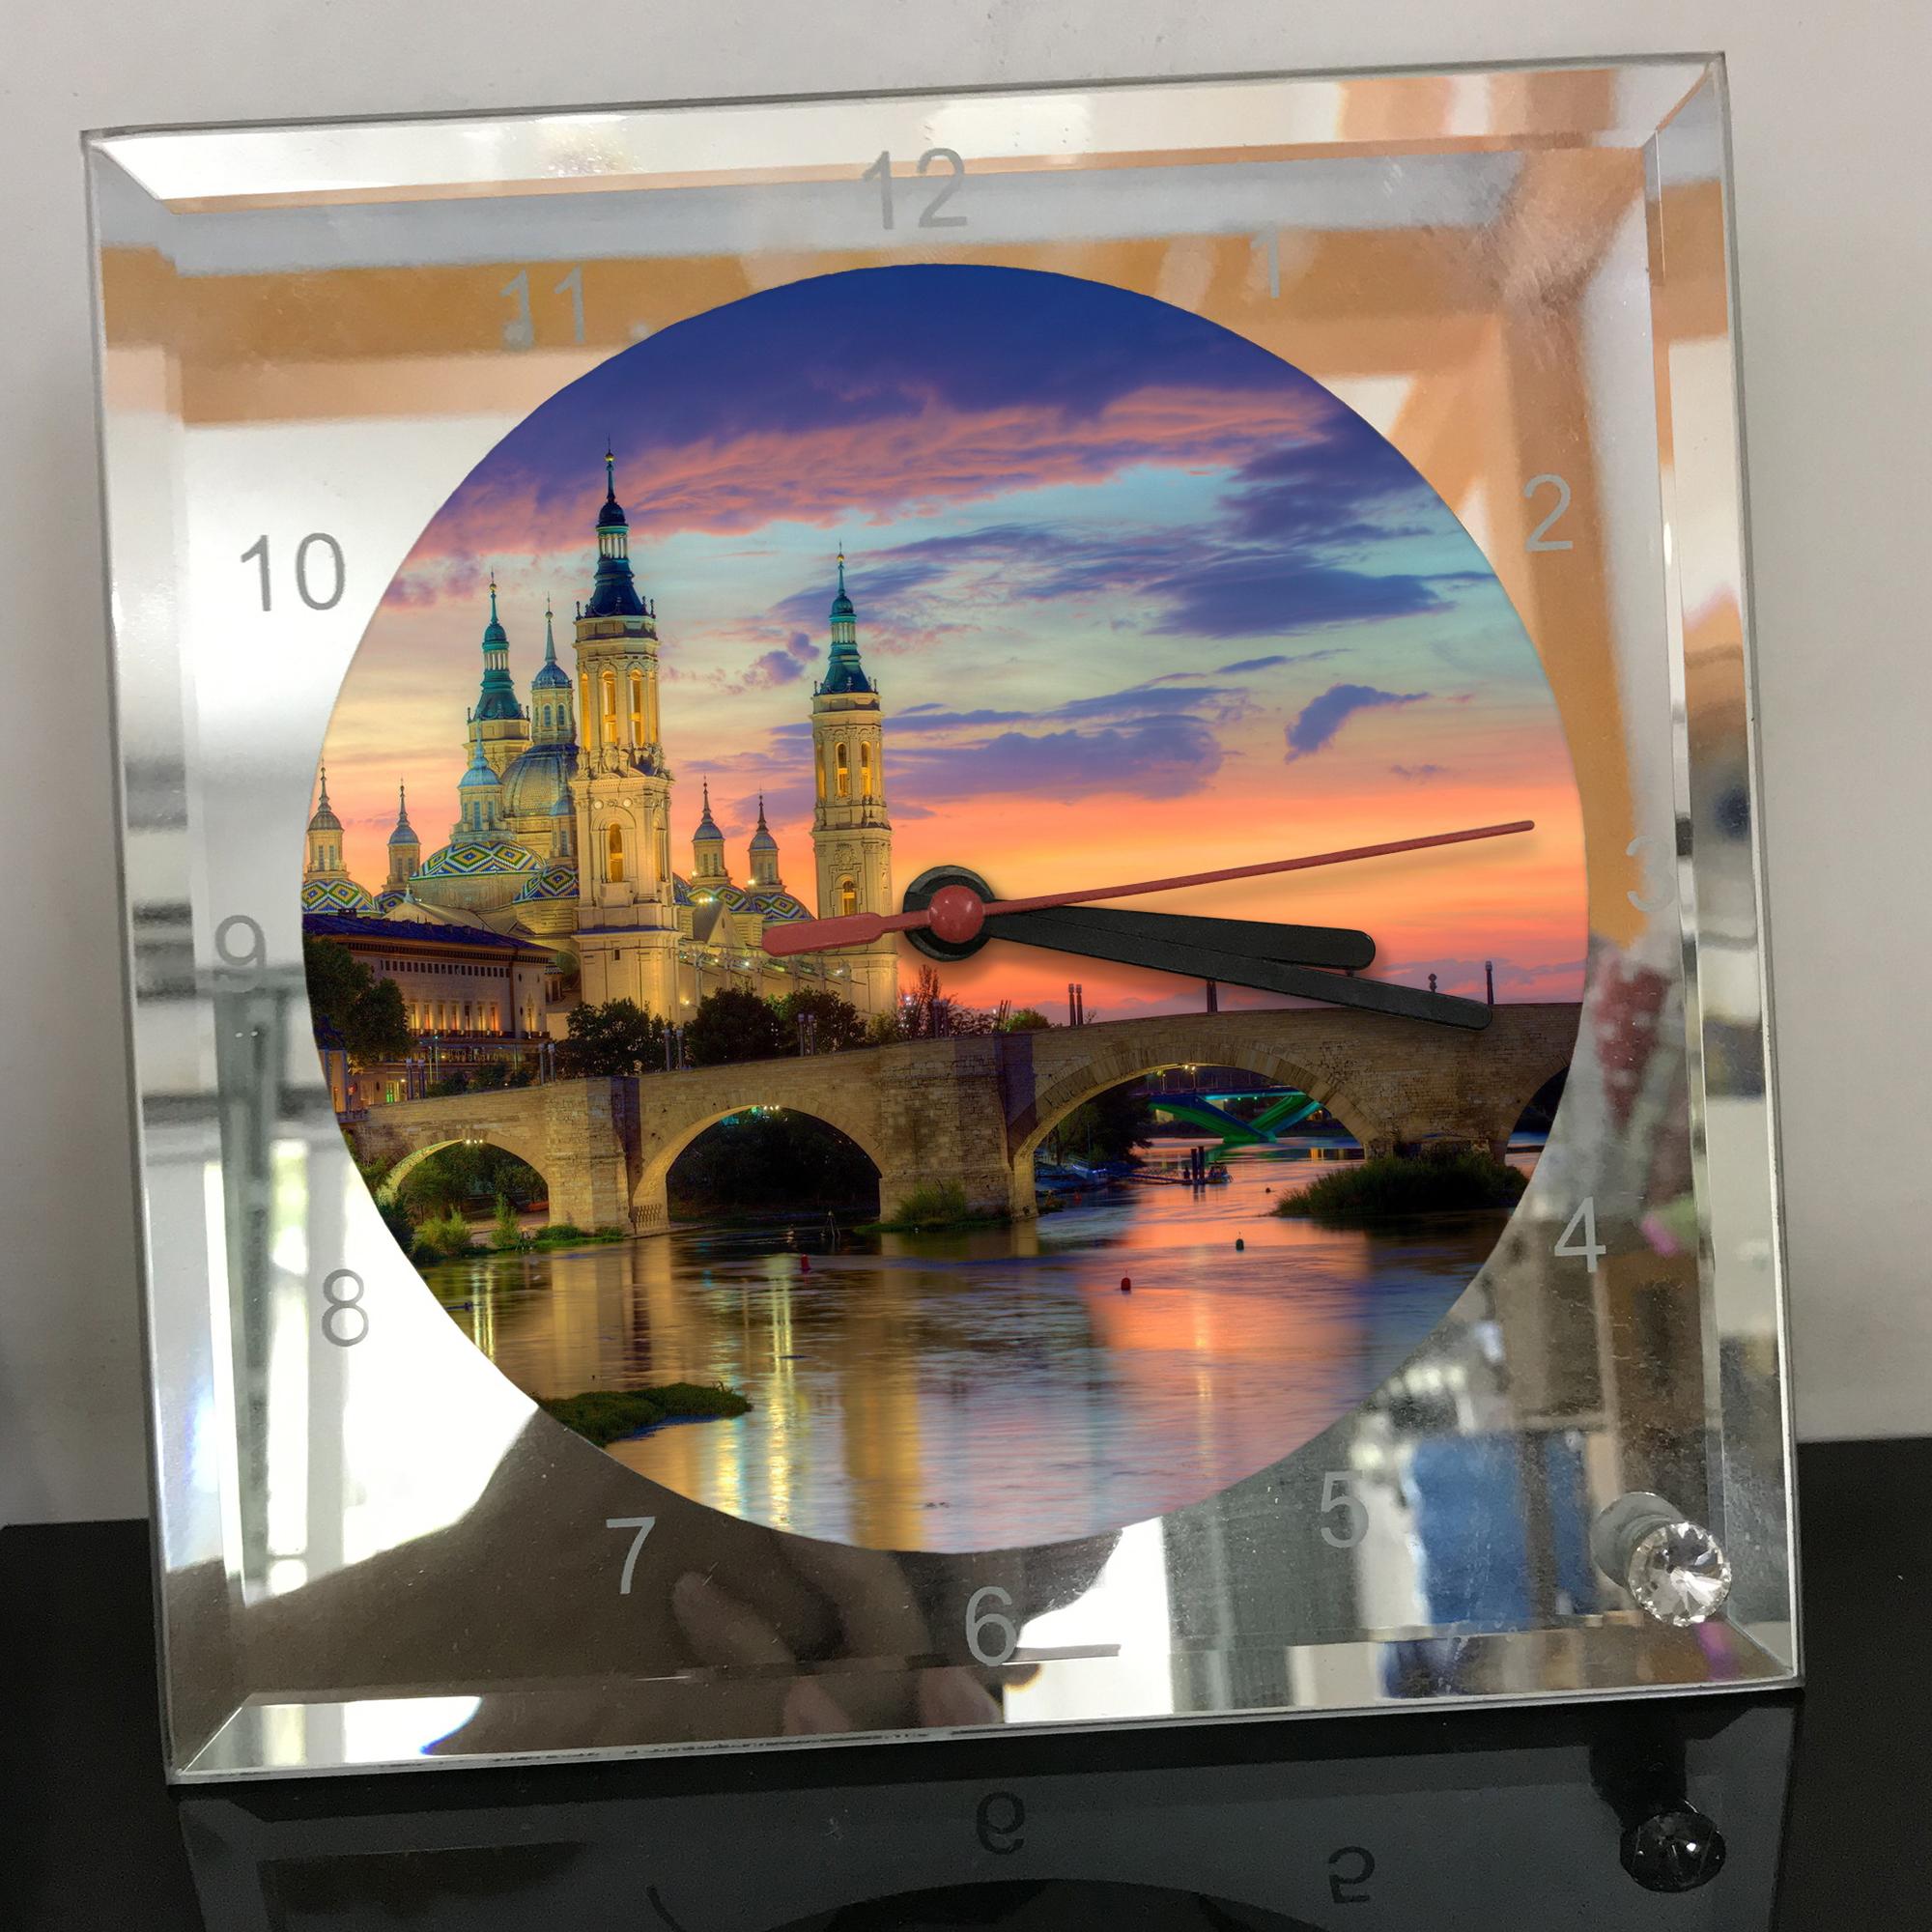 Đồng hồ thủy tinh vuông 20x20 in hình Cathedral - nhà thờ chính tòa (51) . Đồng hồ thủy tinh để bàn trang trí đẹp chủ đề tôn giáo